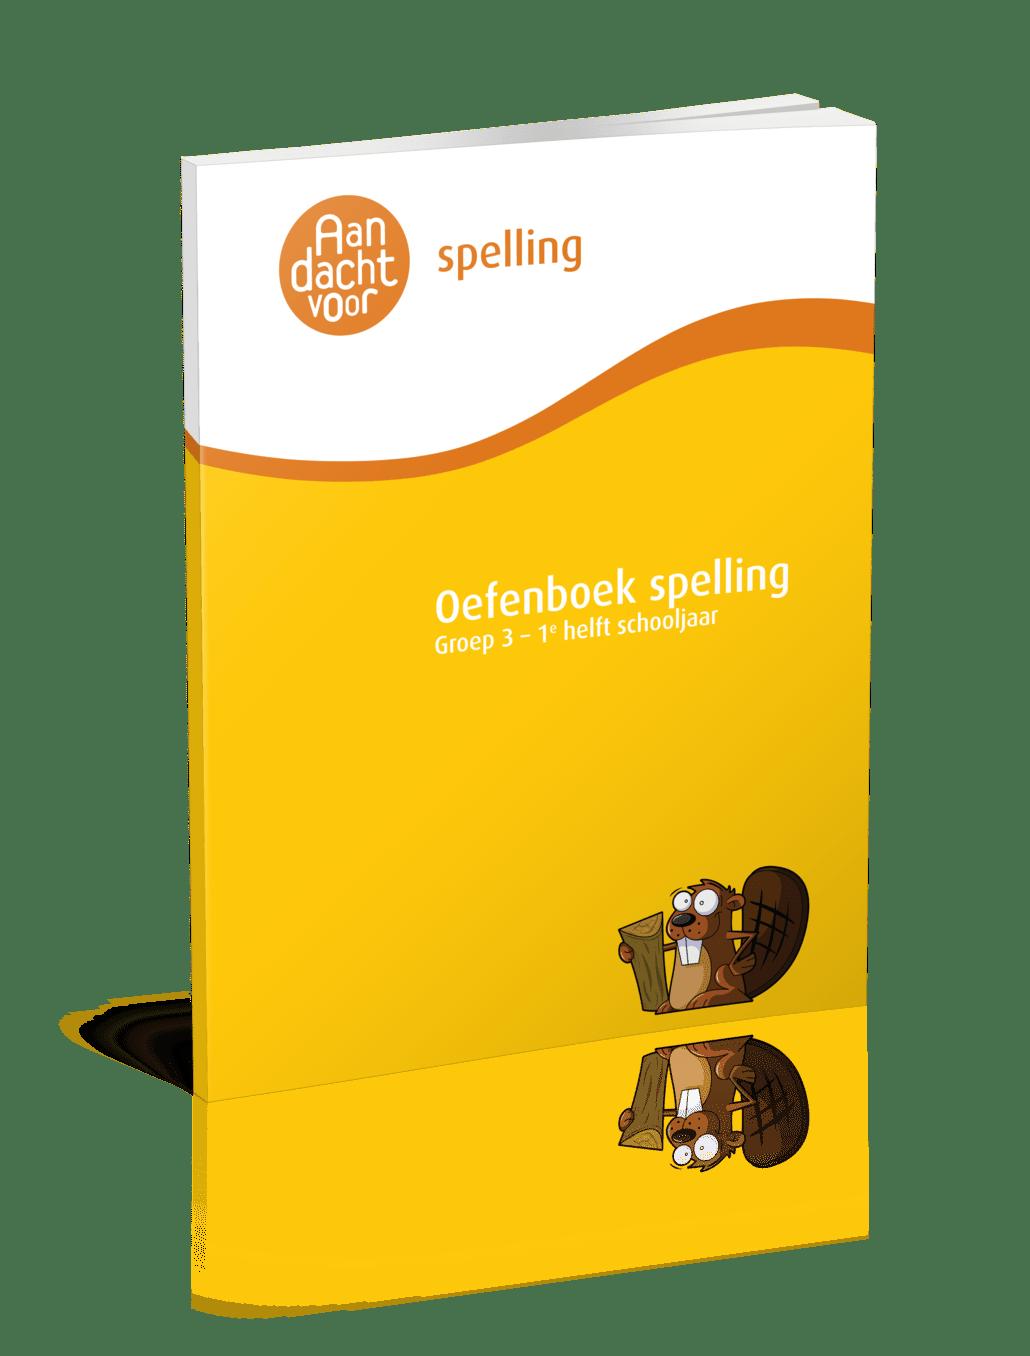 Oefenboek Spelling Groep 3 - 1e helft schooljaar